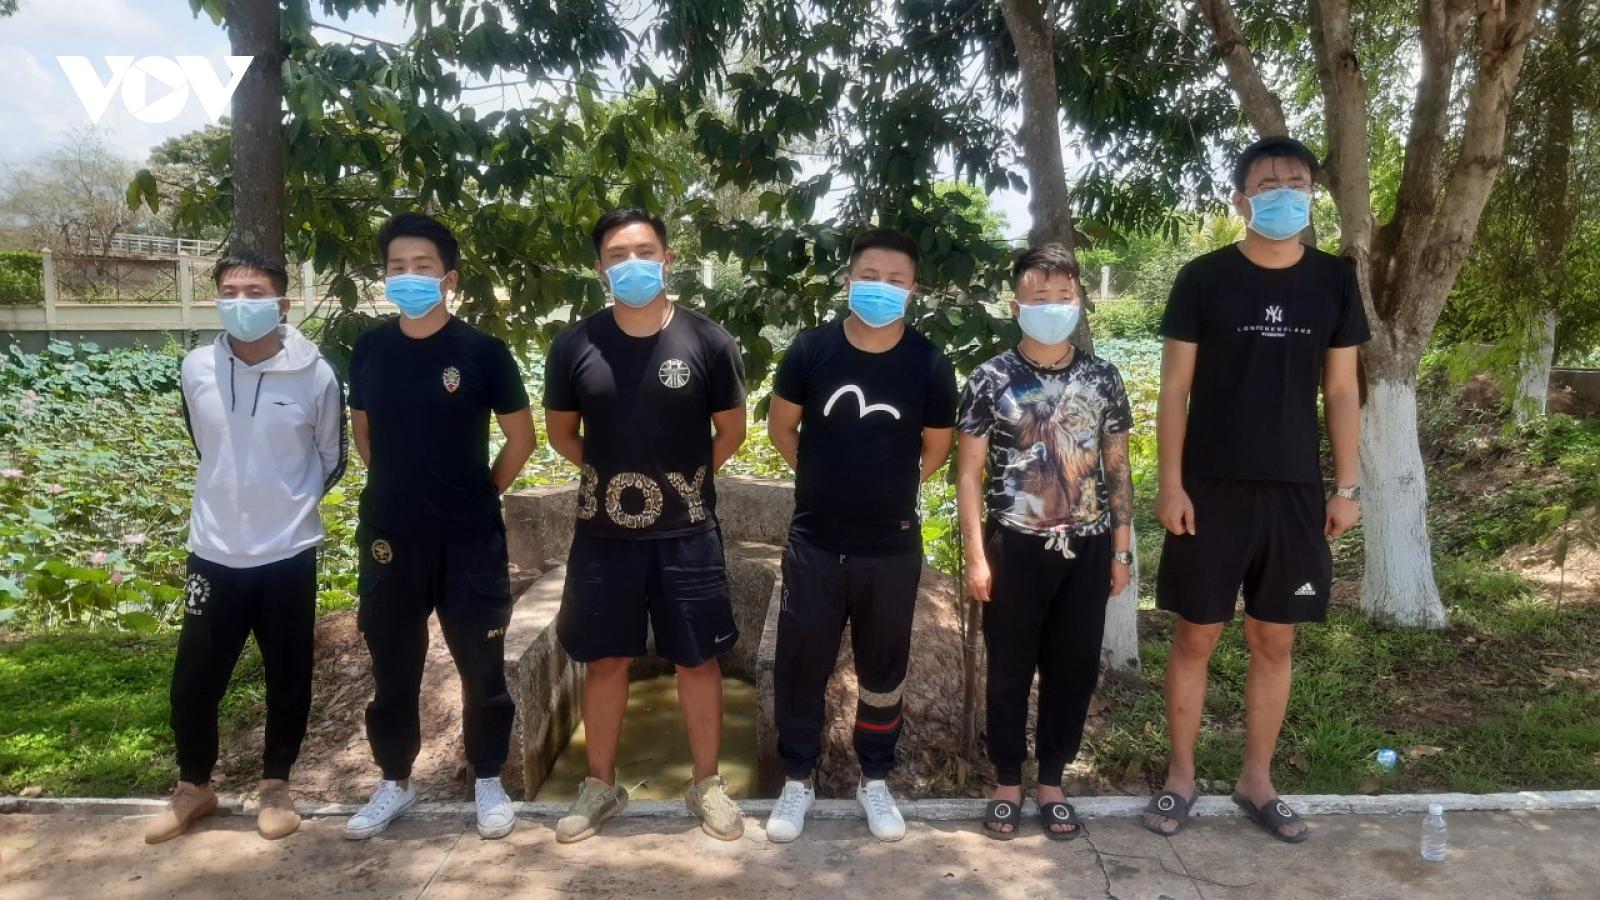 Biên phòng Long An bắt giữ 6 đối tượng xuất cảnh trái phép qua Campuchia